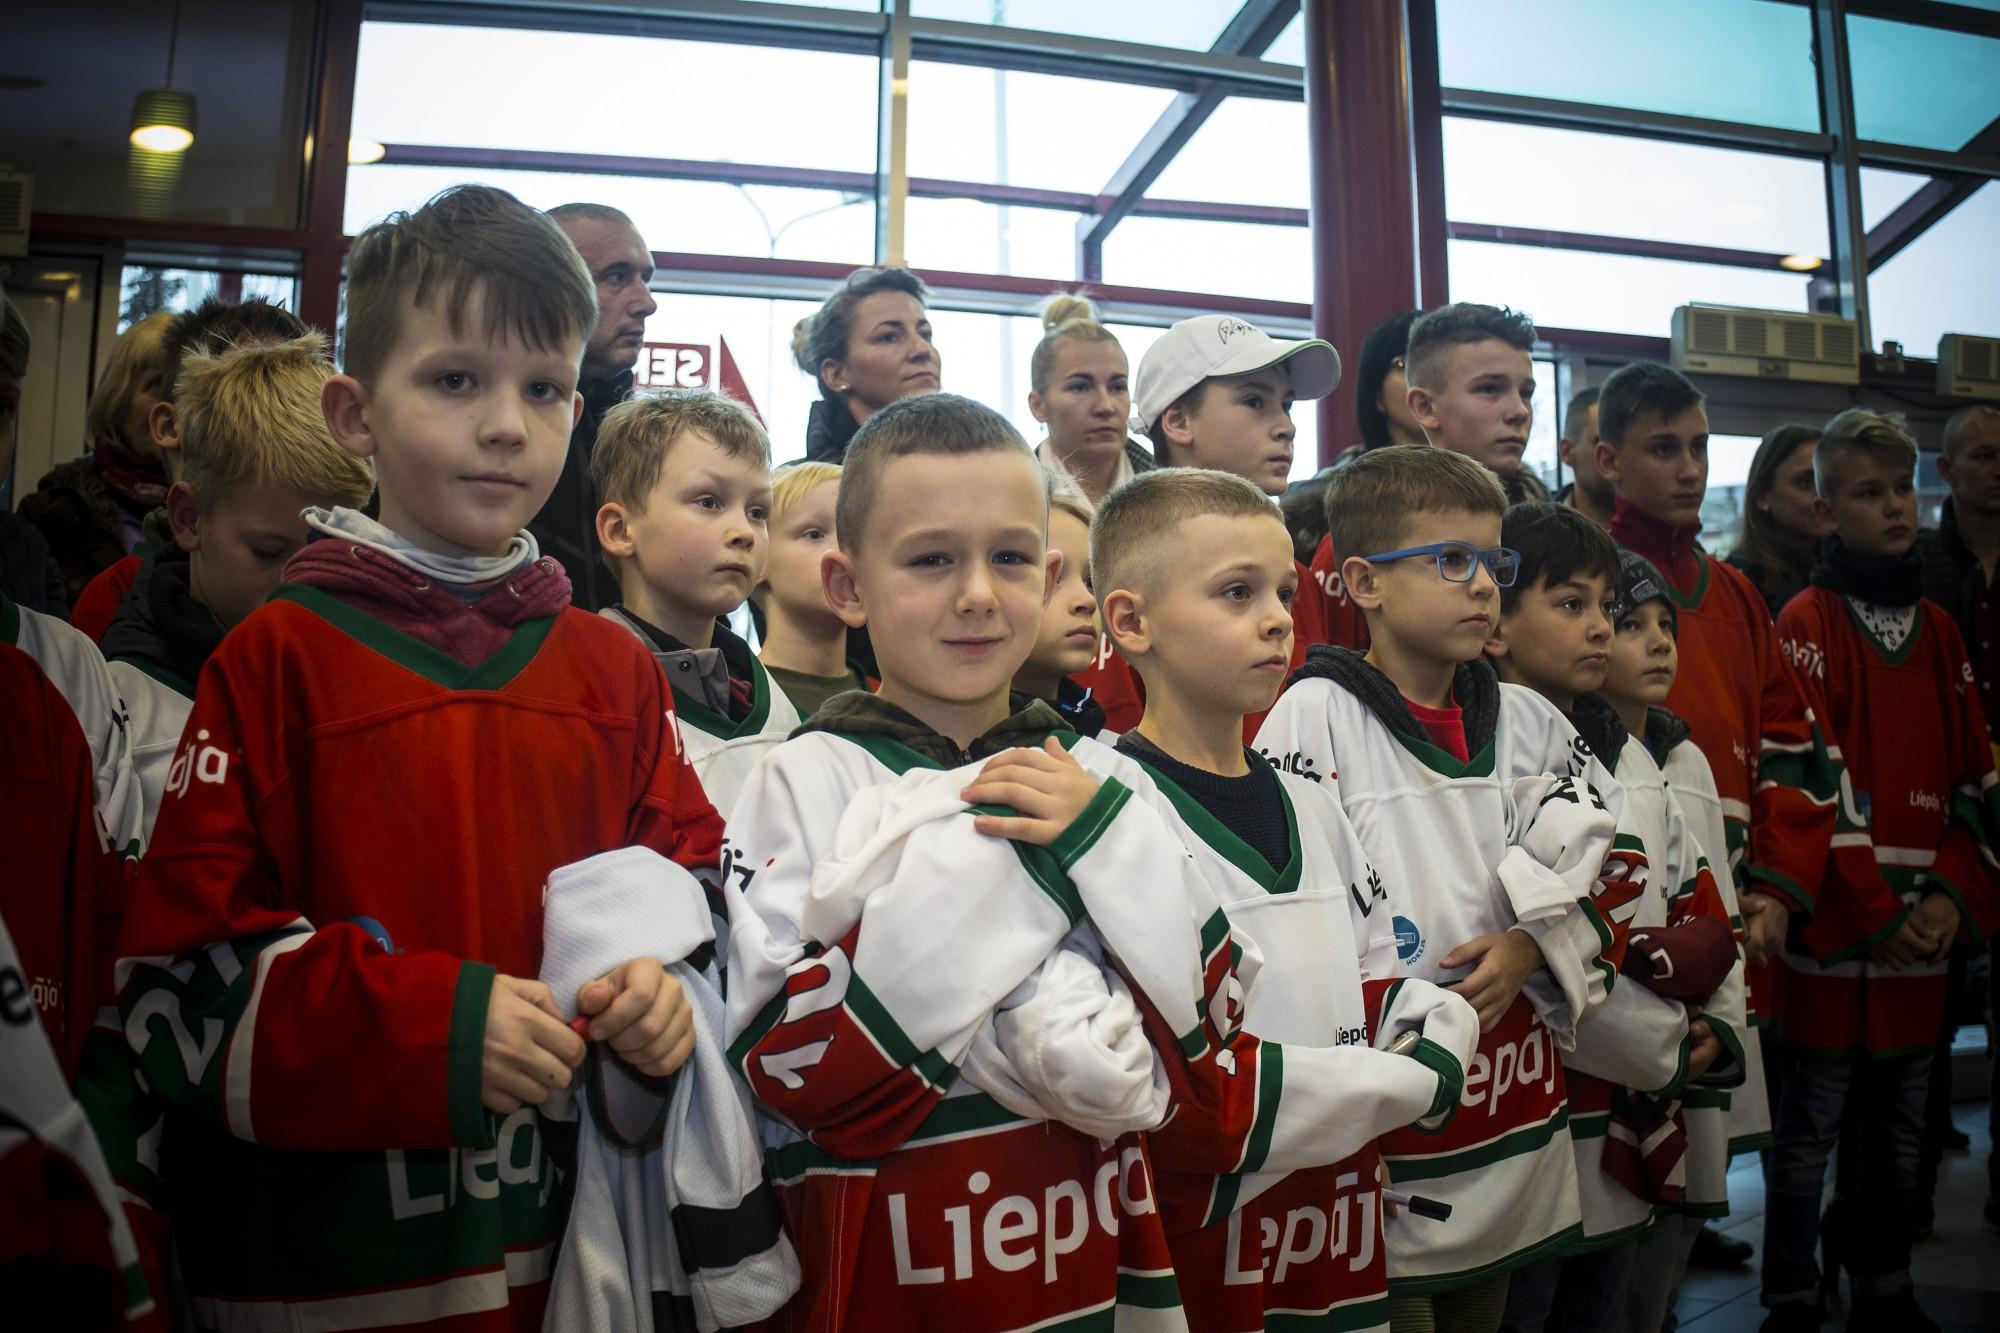 Юные лиепайские хоккеисты в подарок получили экипировку вратаря